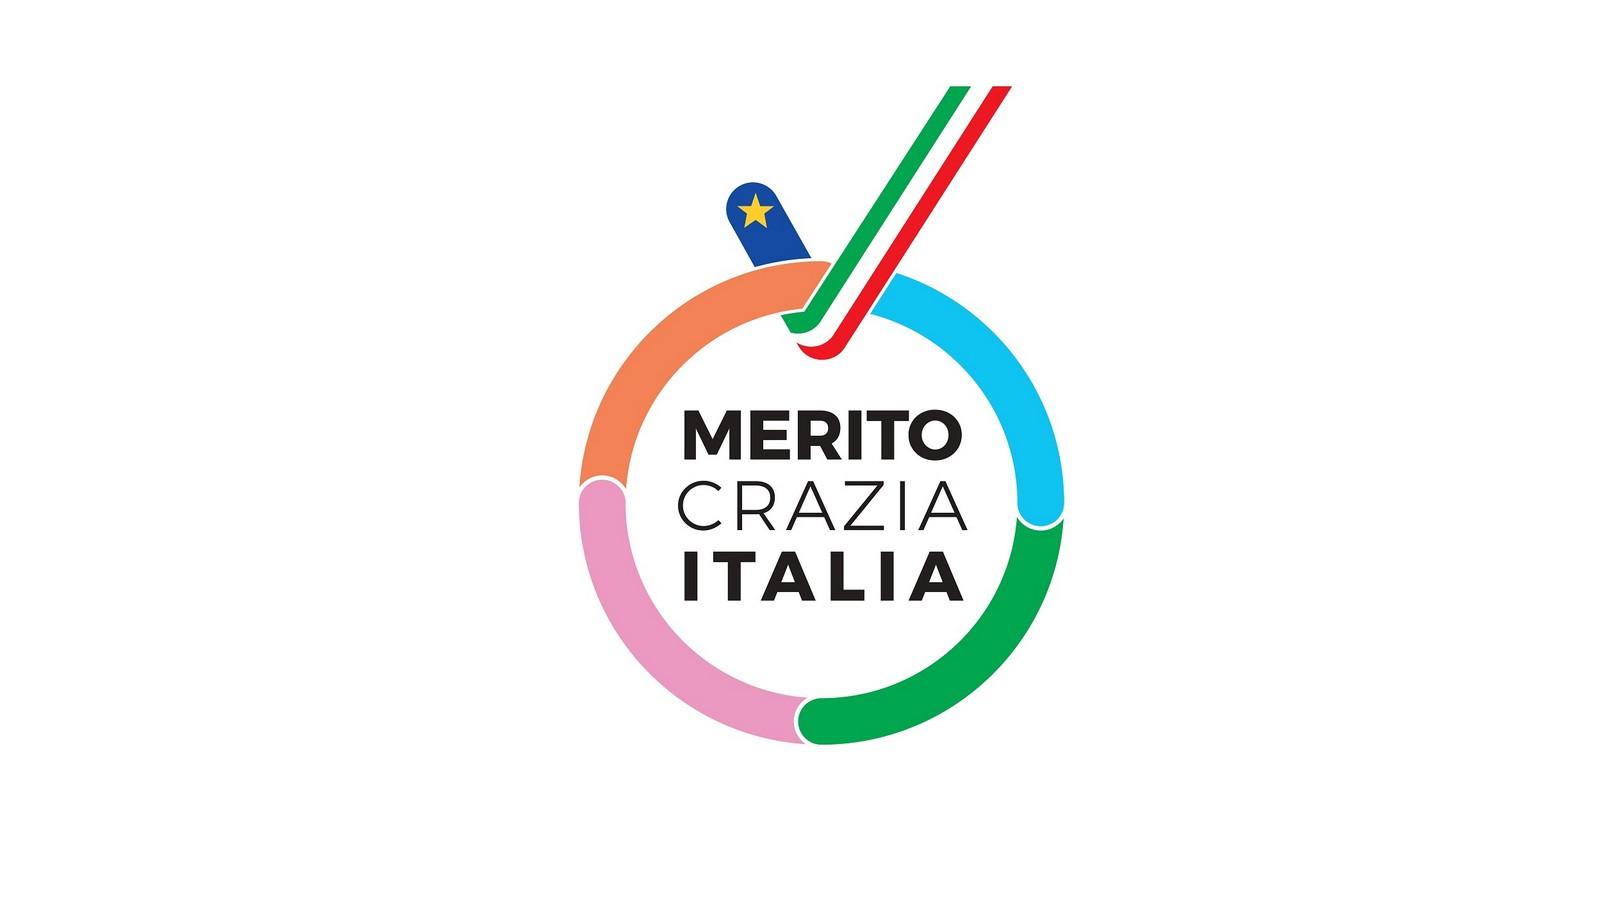 Meritocrazia Italia, approvata all'unanimità mozione congressuale